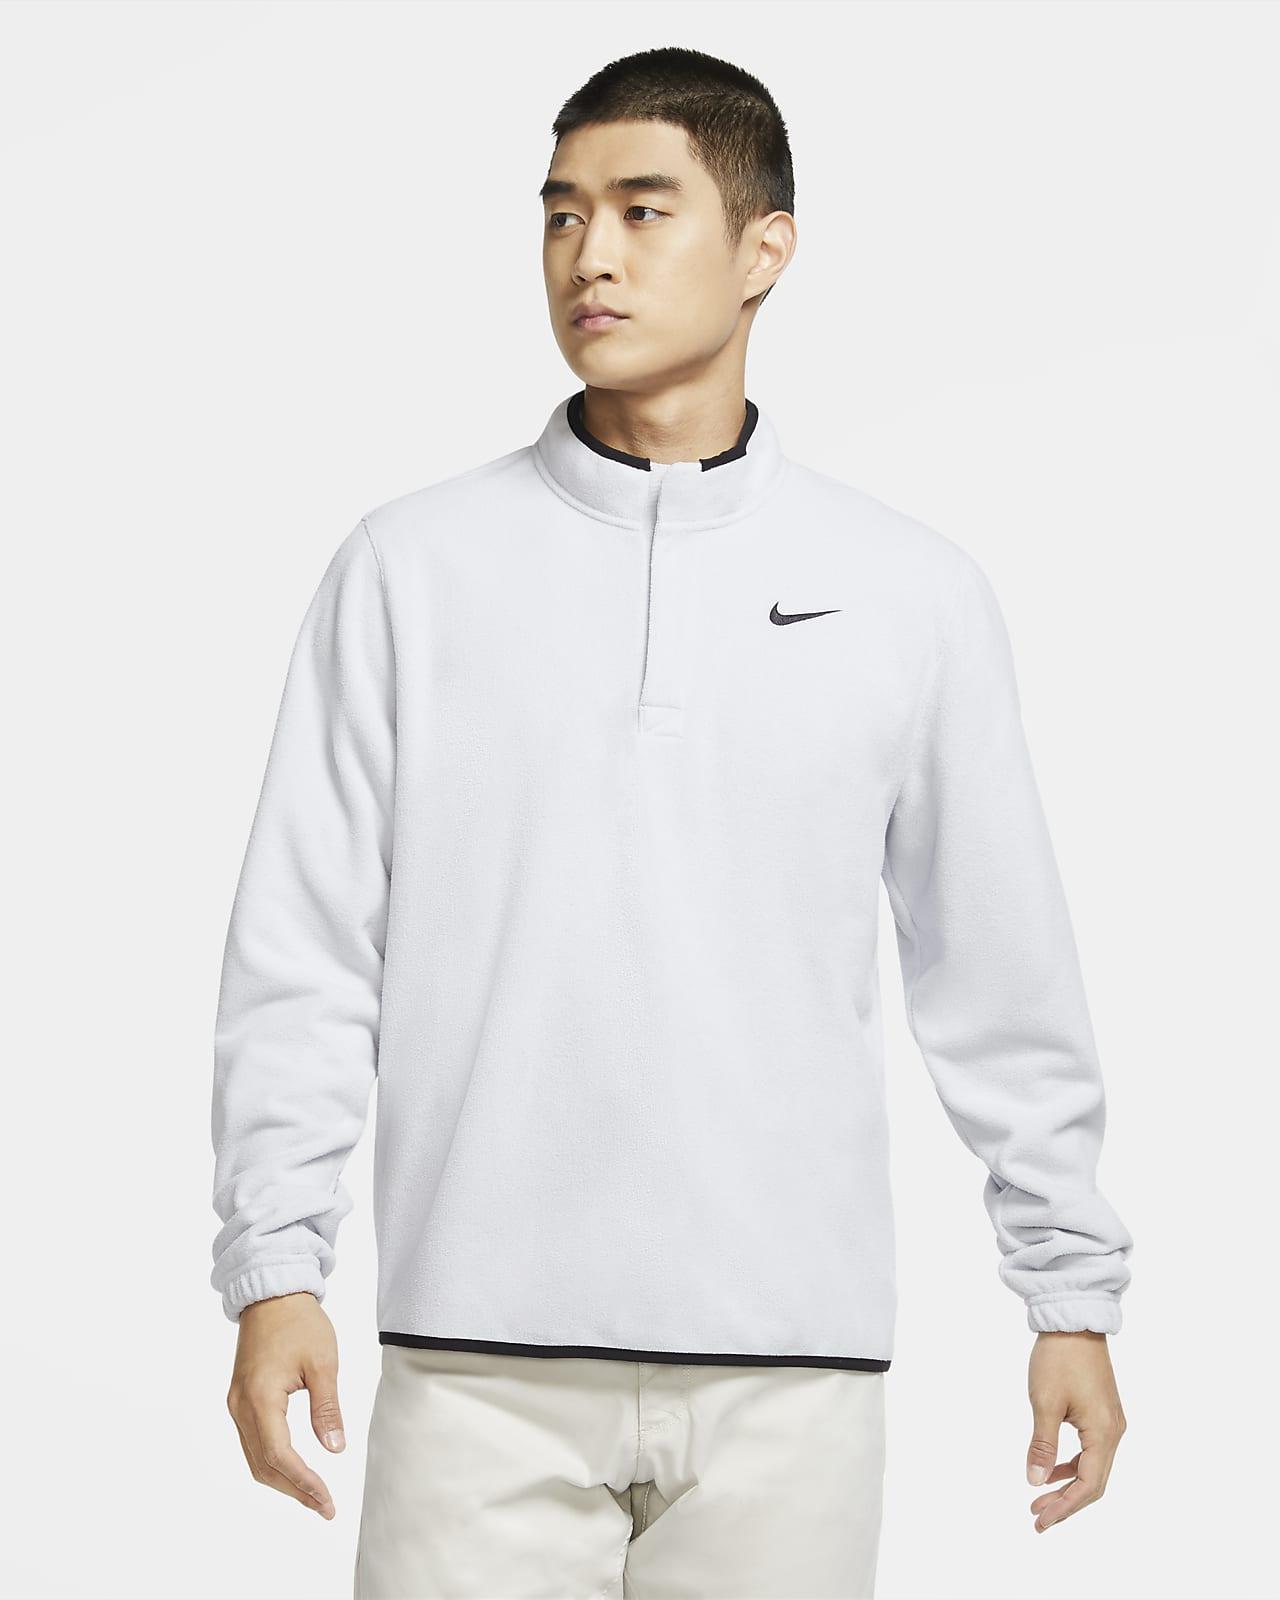 Nike Therma Victory Herren-Golfoberteil mit Halbreißverschluss